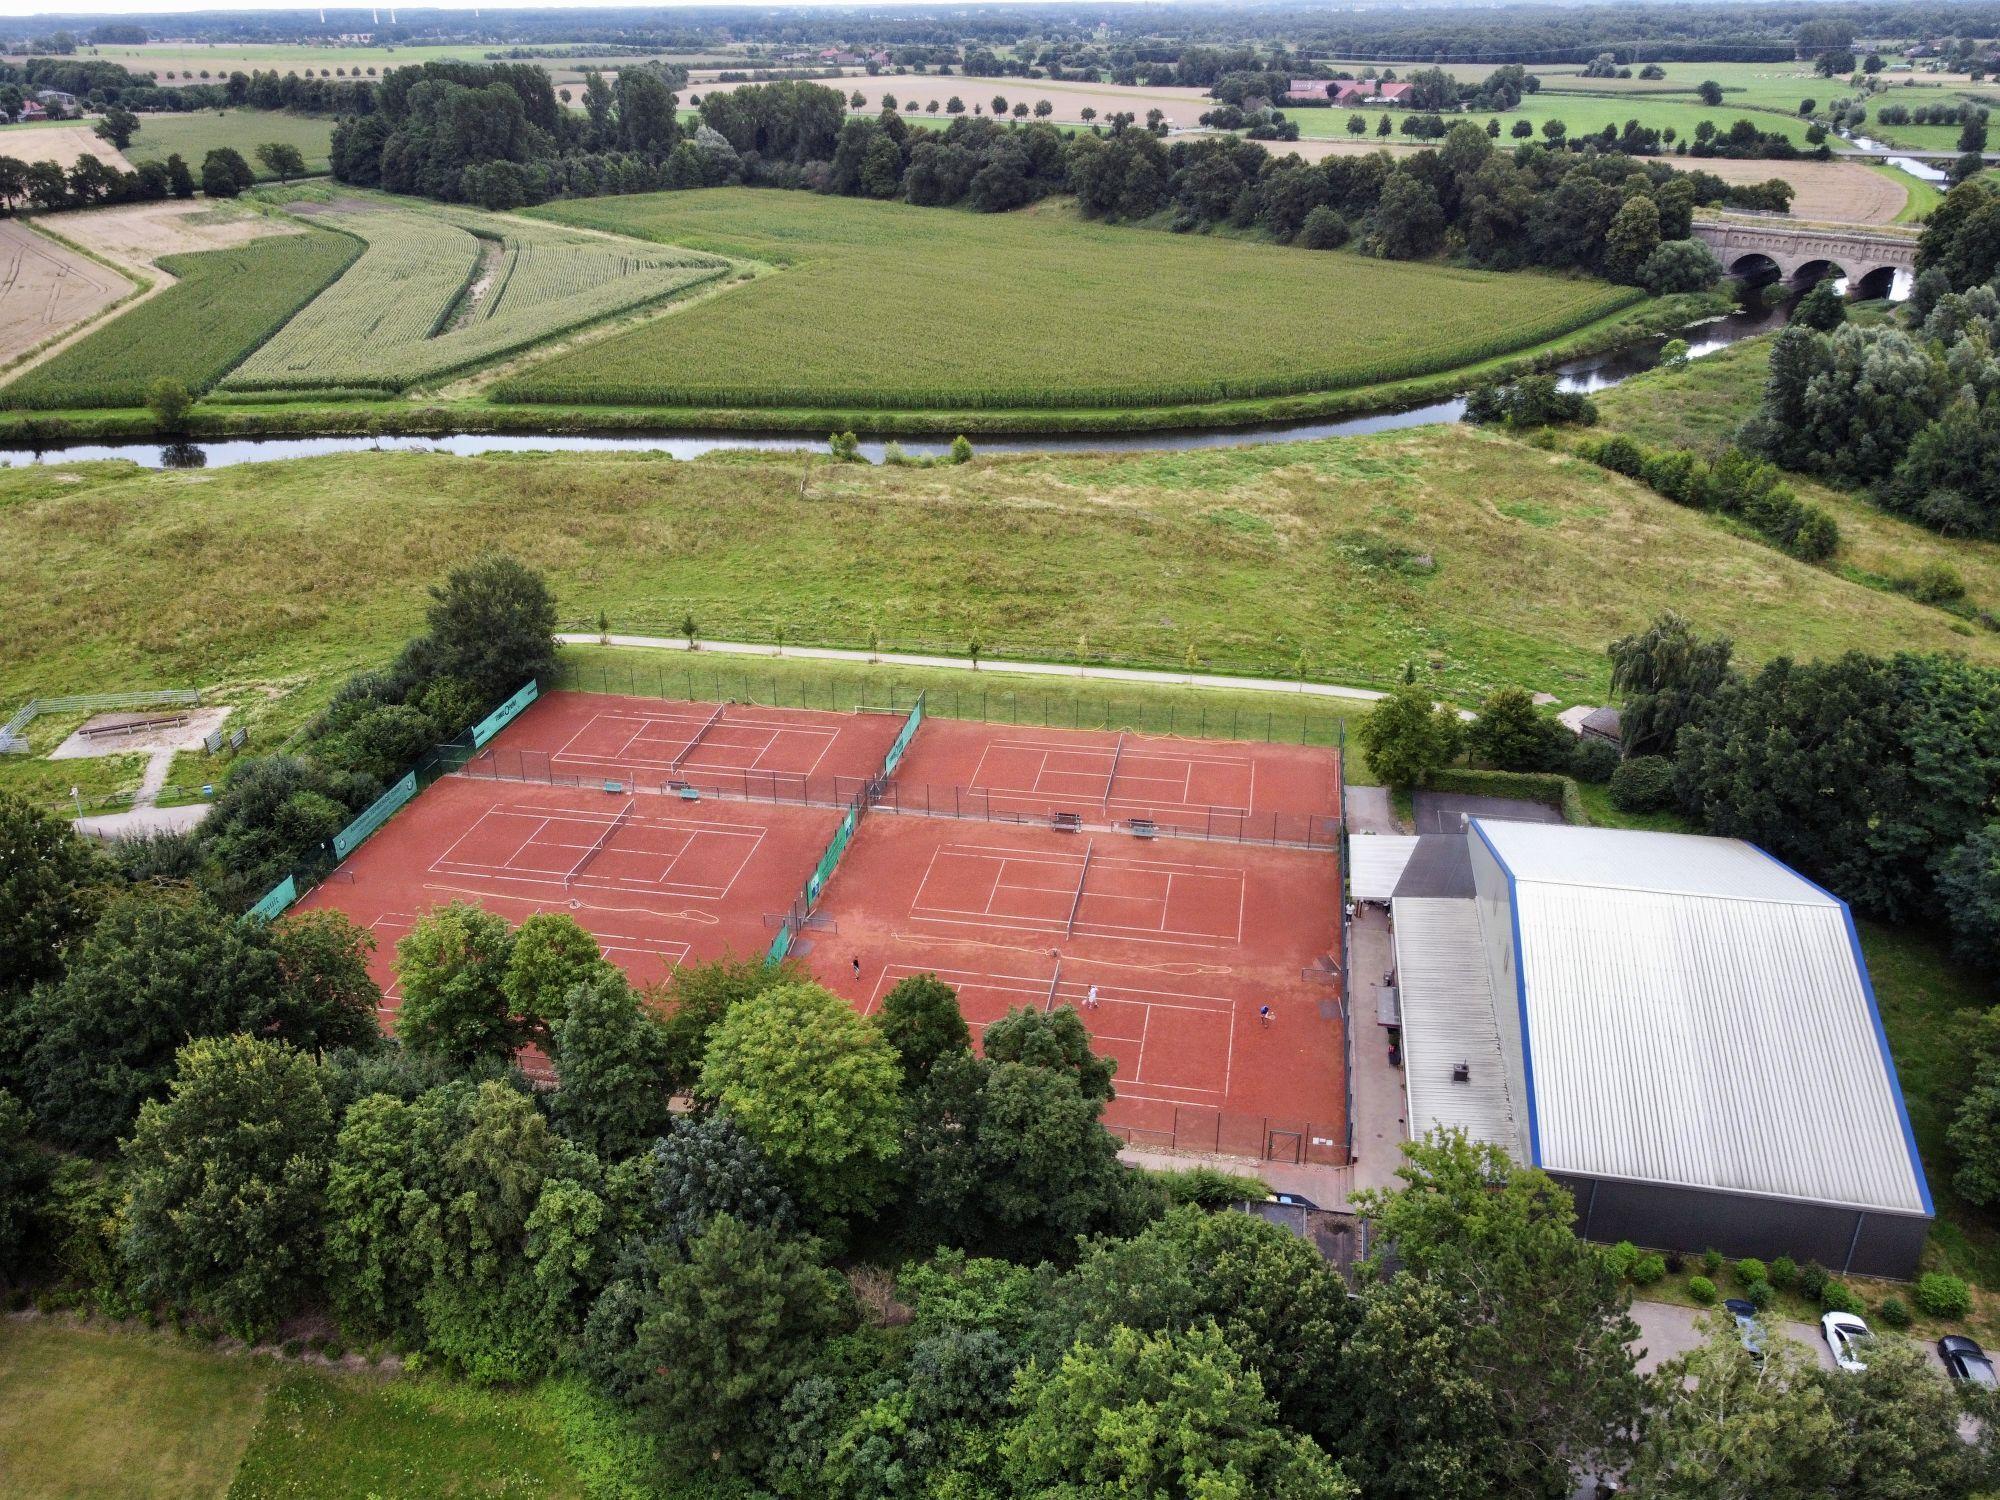 Tennisanlage_Luftbild_Drohne